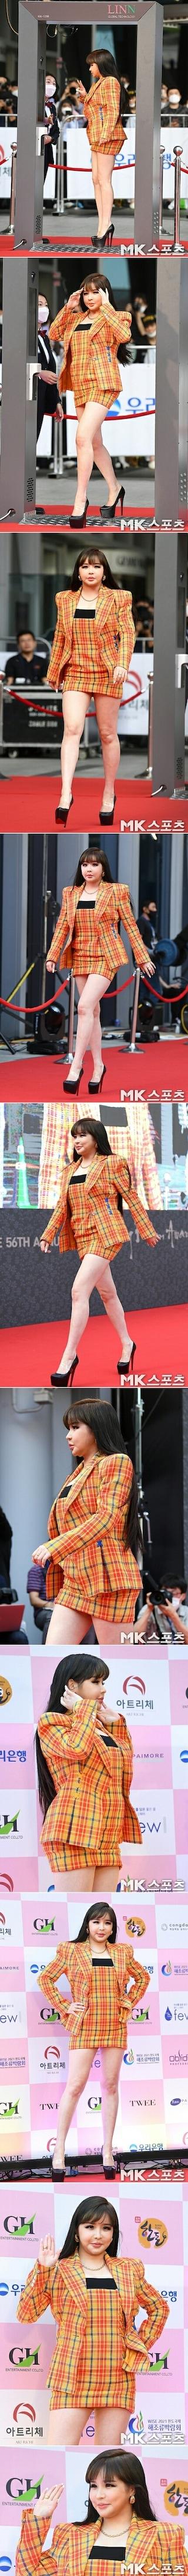 박봄 근황이라는데 충격적이네요